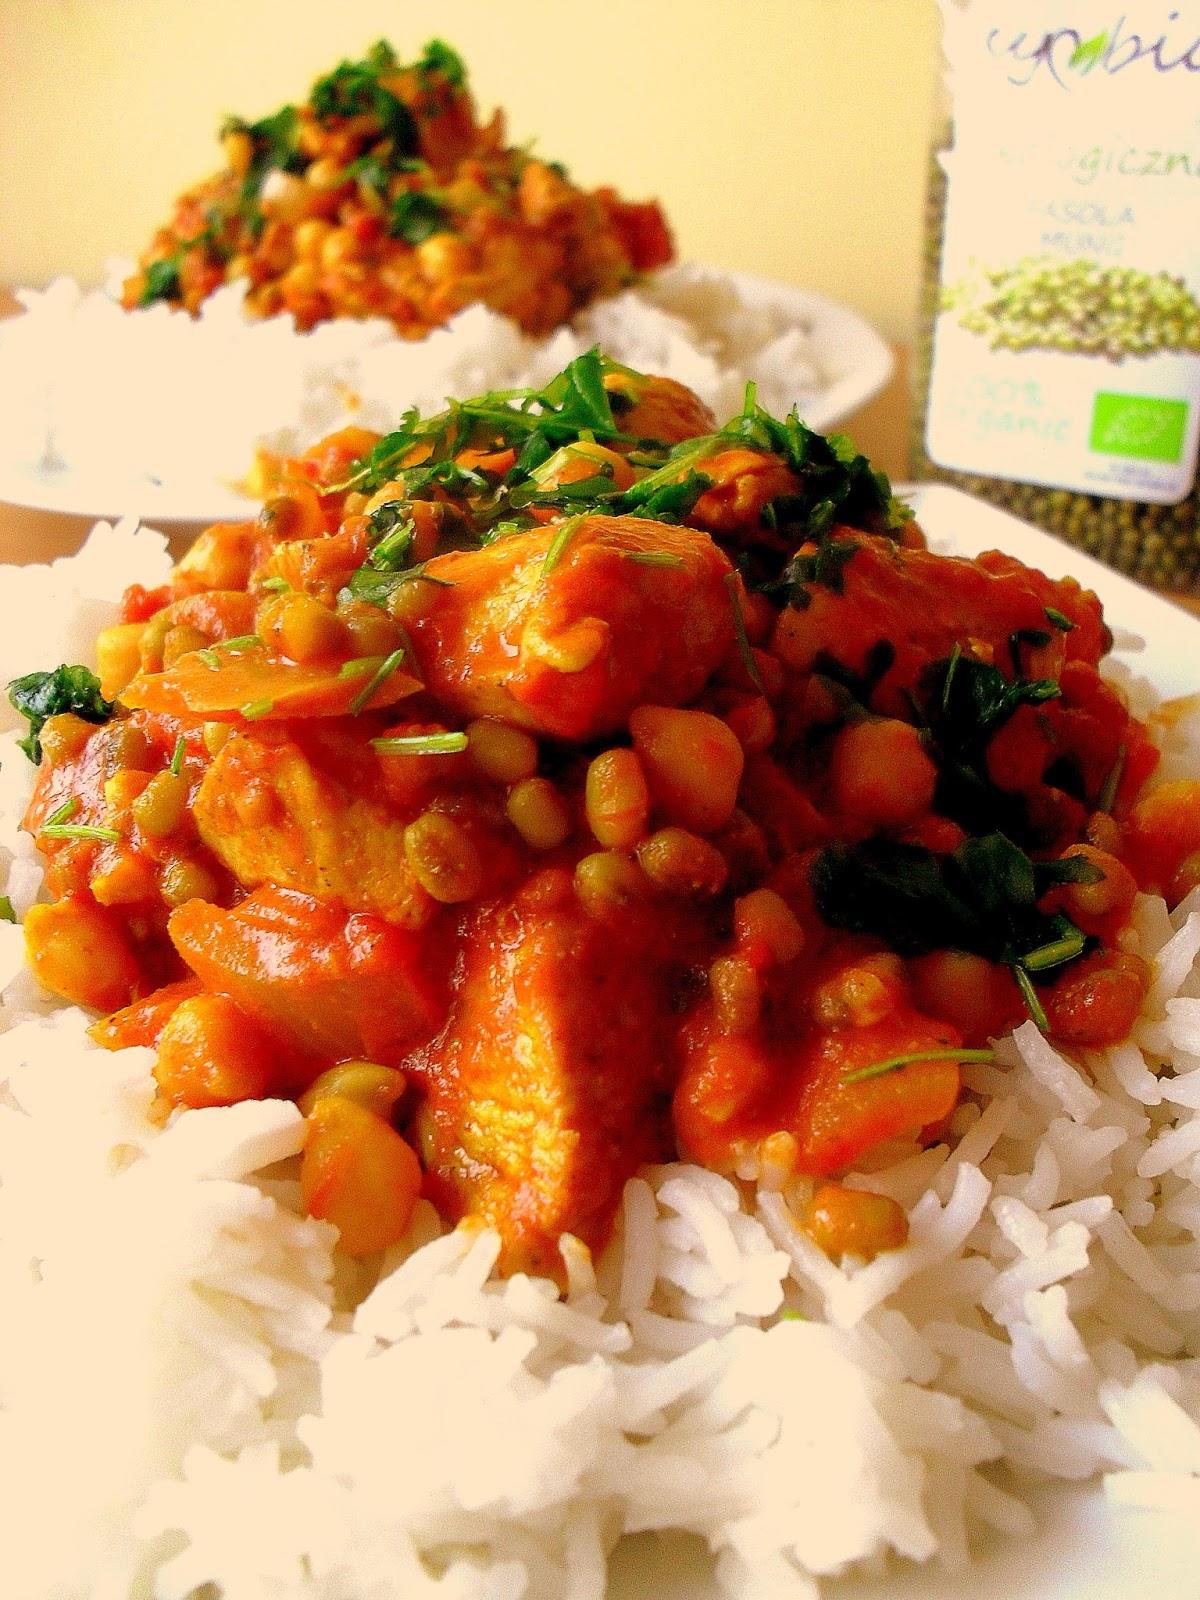 Lekcje W Kuchni Indyjska Potrawka Z Kurczaka I Fasoli Mung